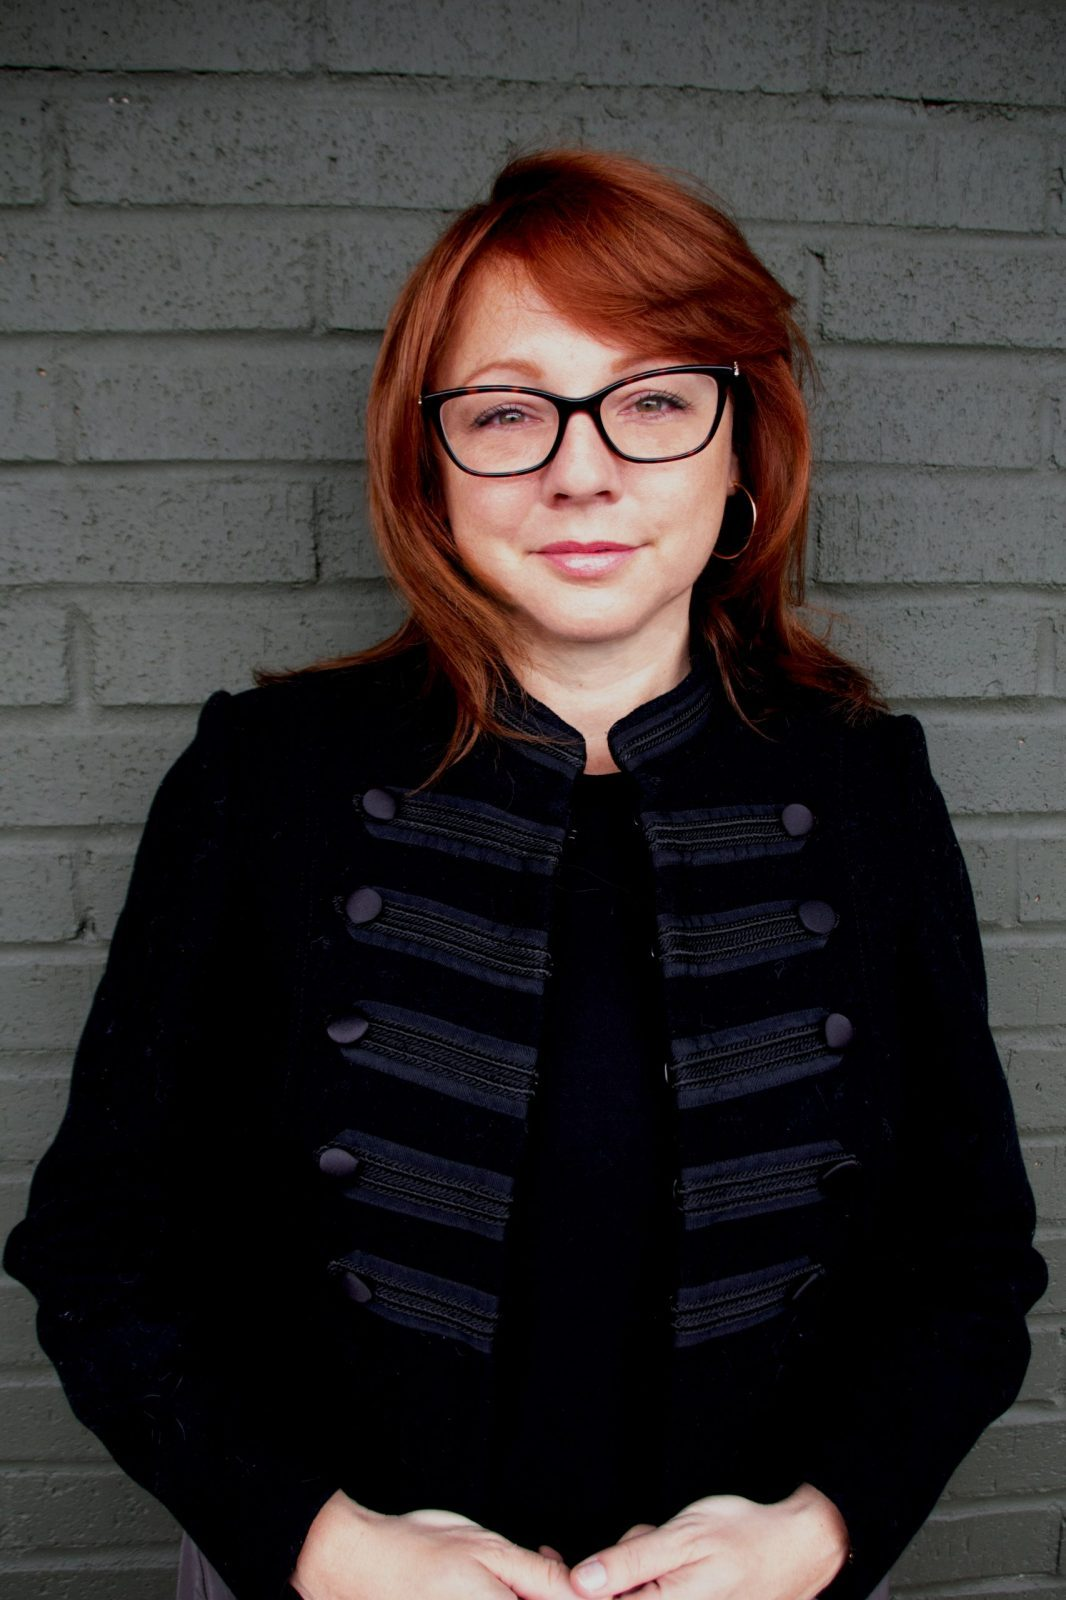 Stephanie O'Coin